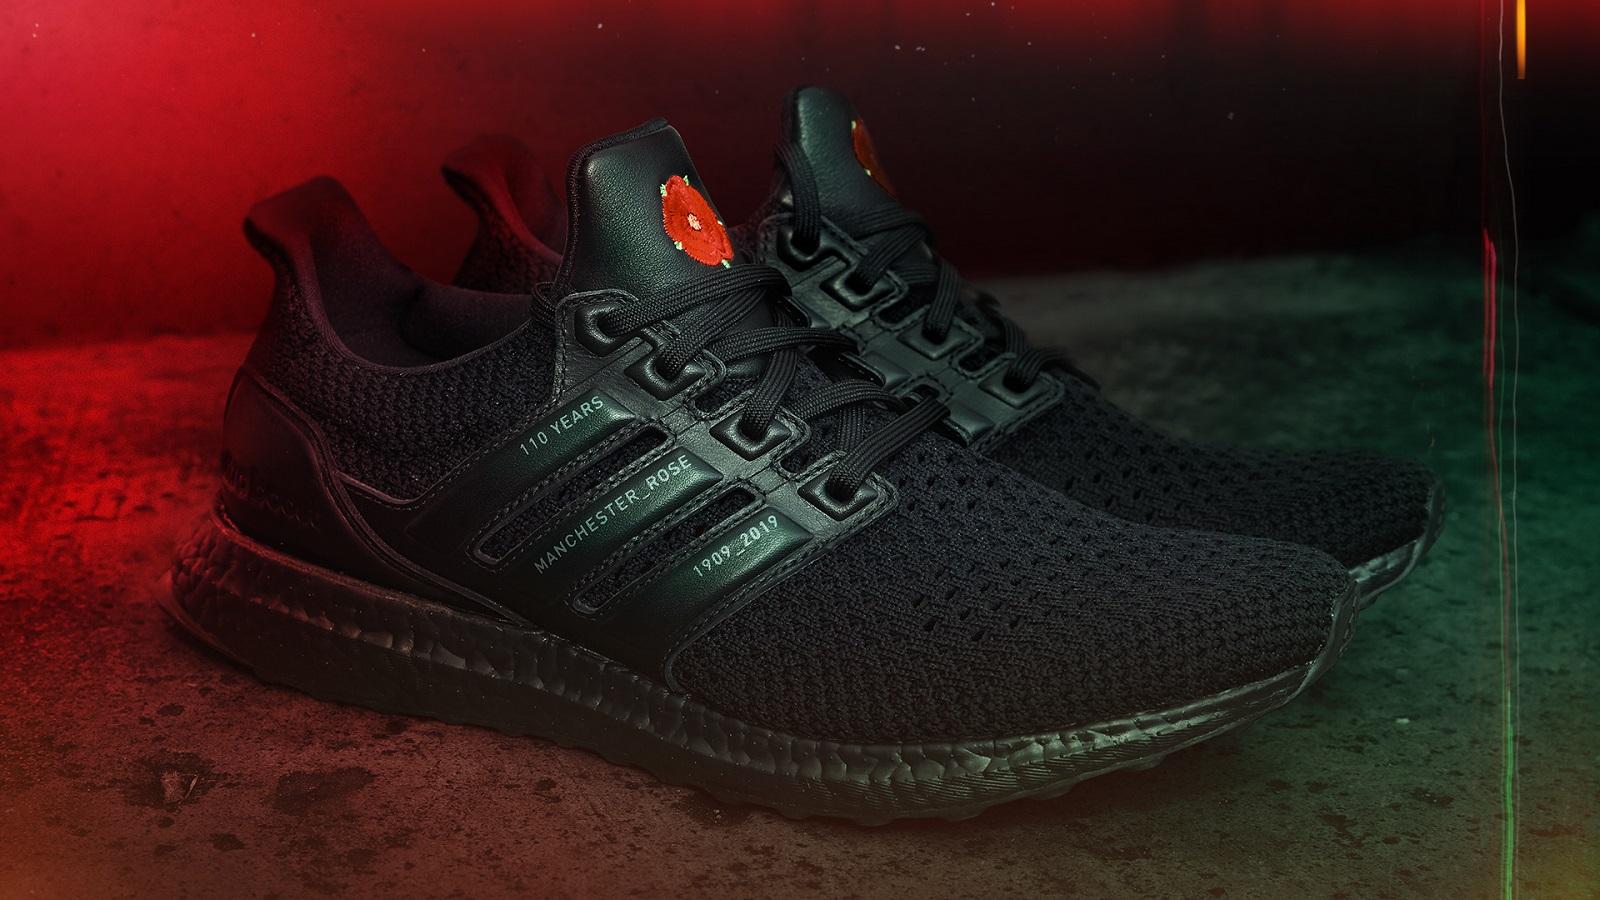 adidas รองเท้าวิ่ง อัลตร้าบูสท์ อาดิดาส